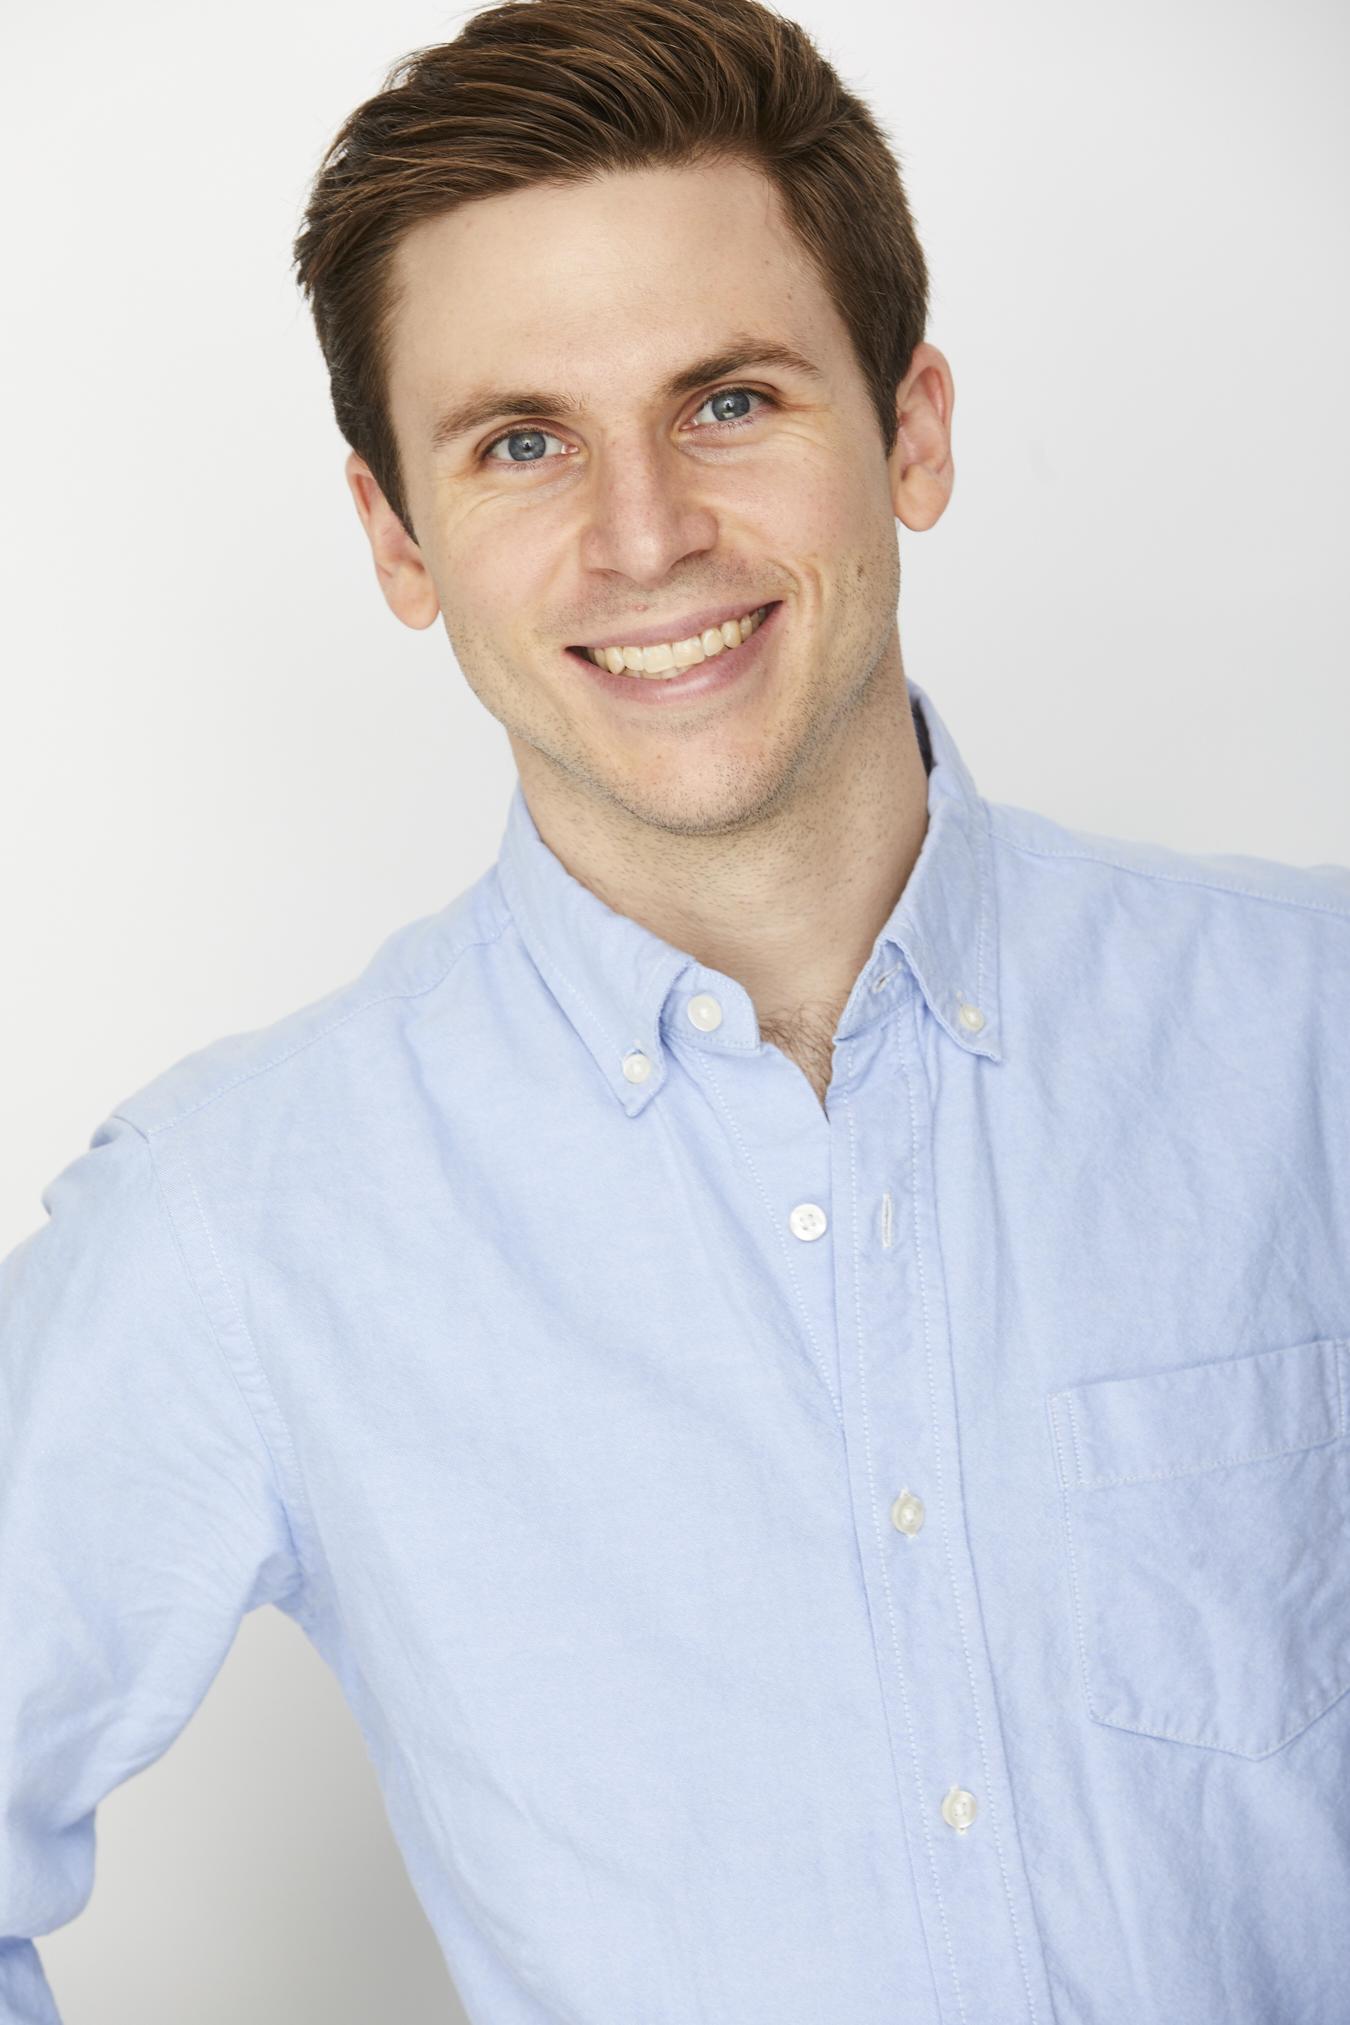 Drew Horton